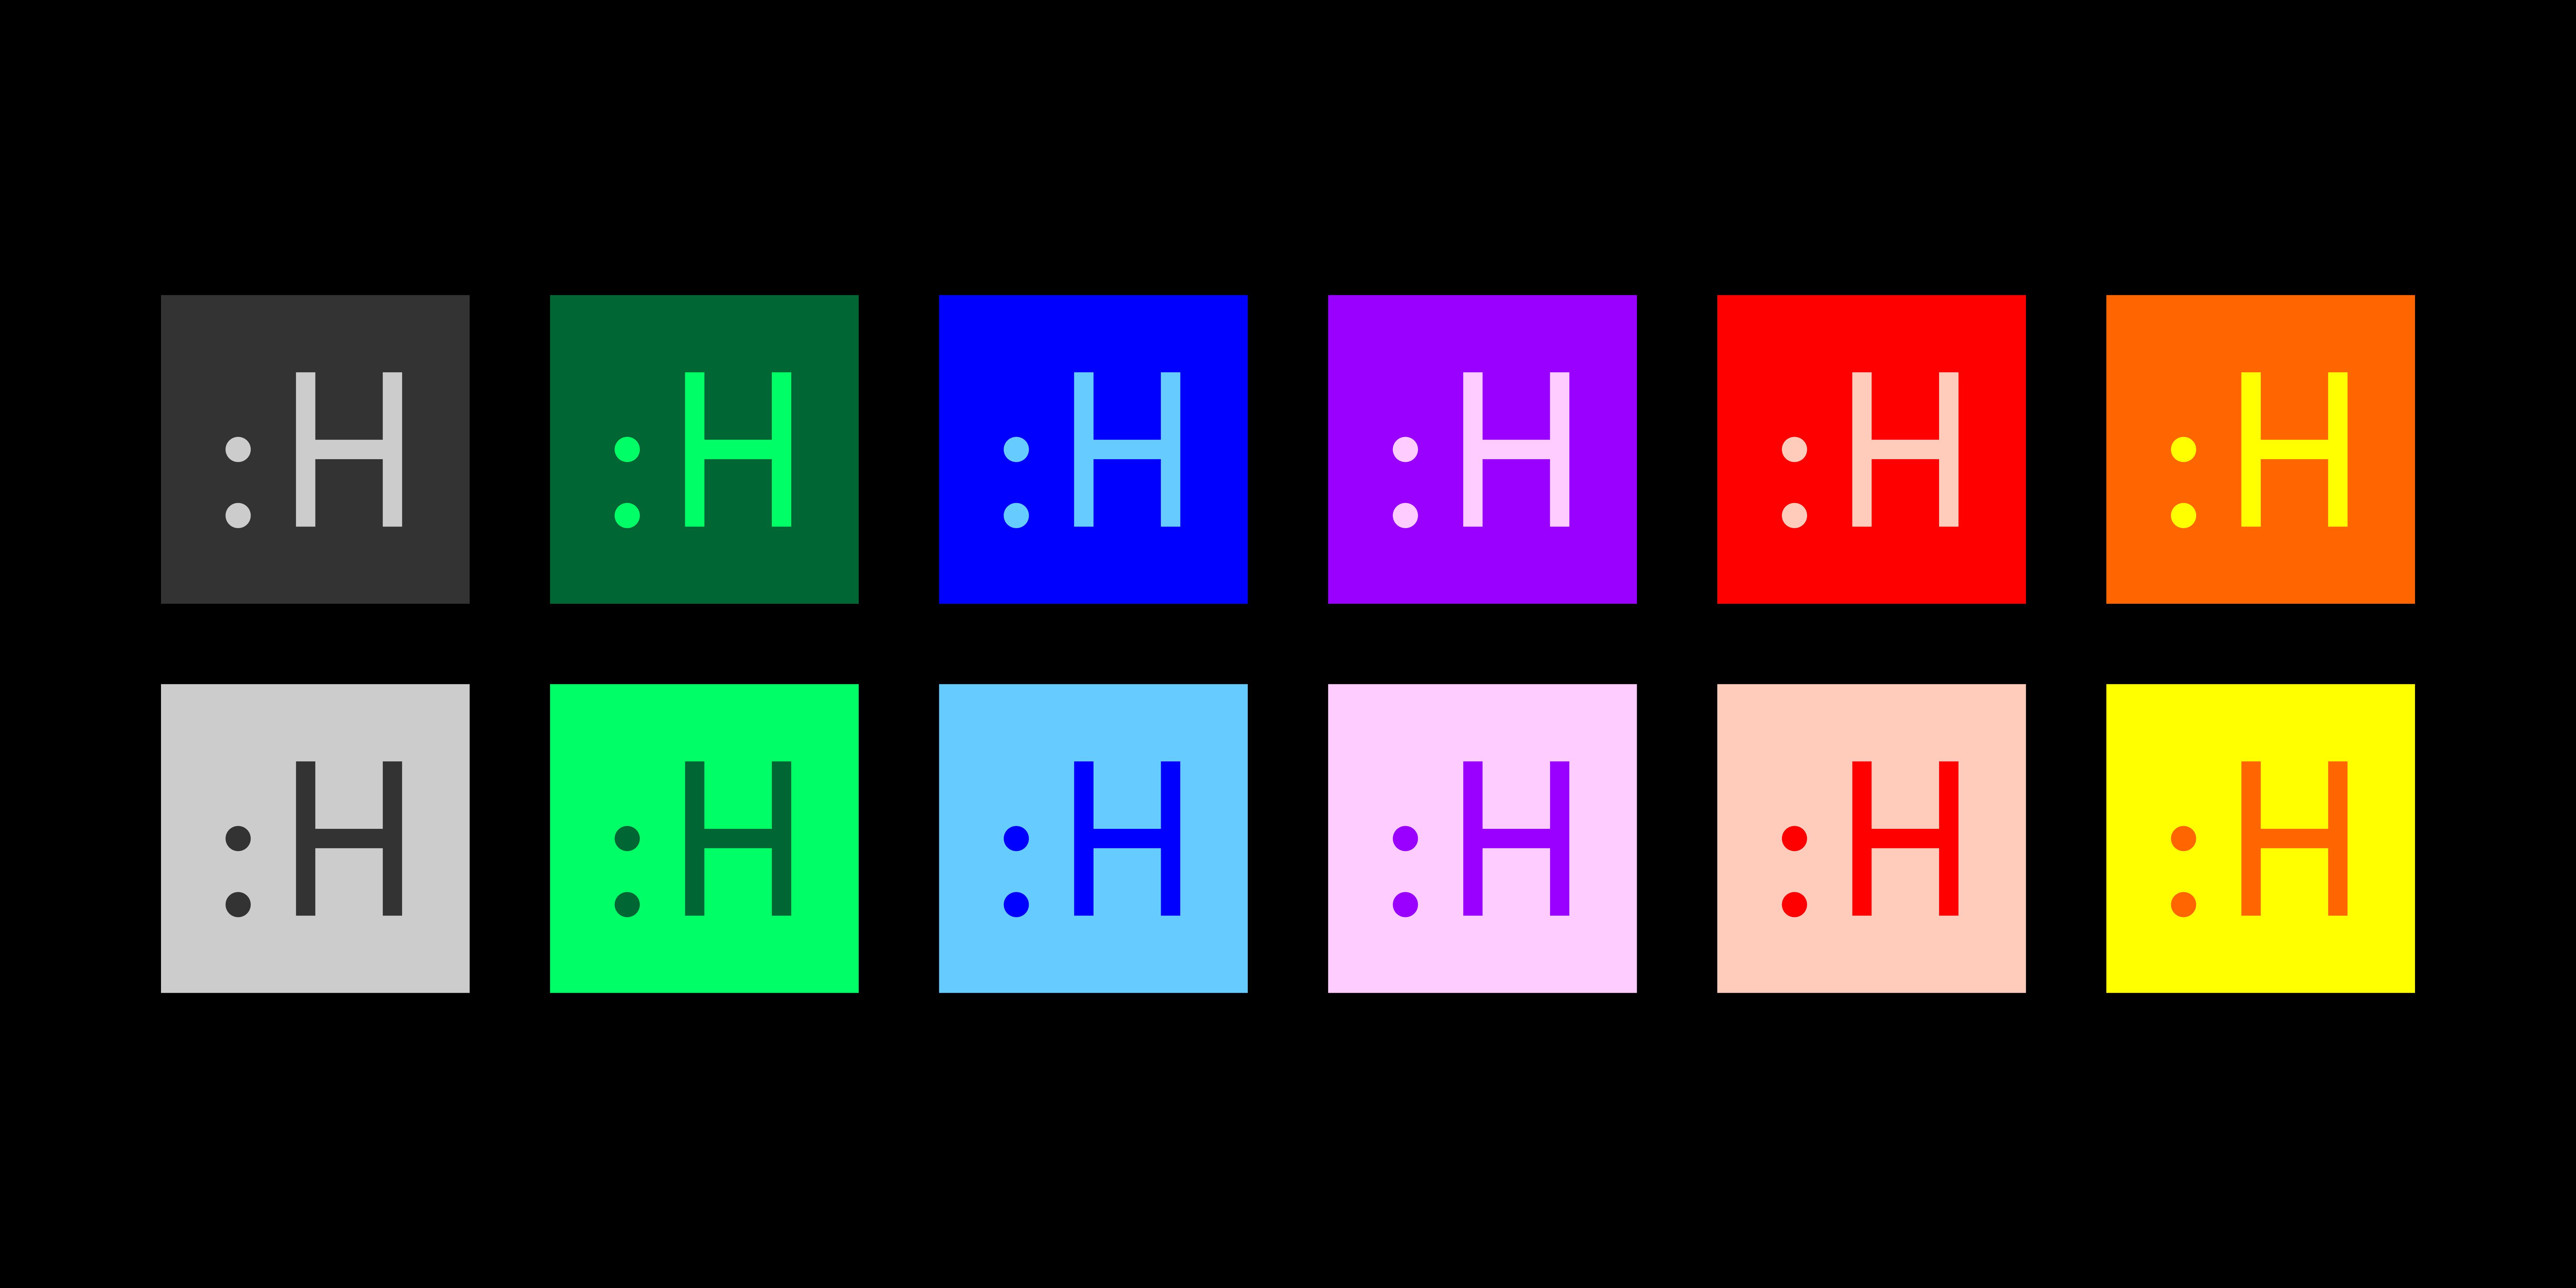 Teaseerbild für das Projekt Relaunch Corporate Design Henkelhiedl